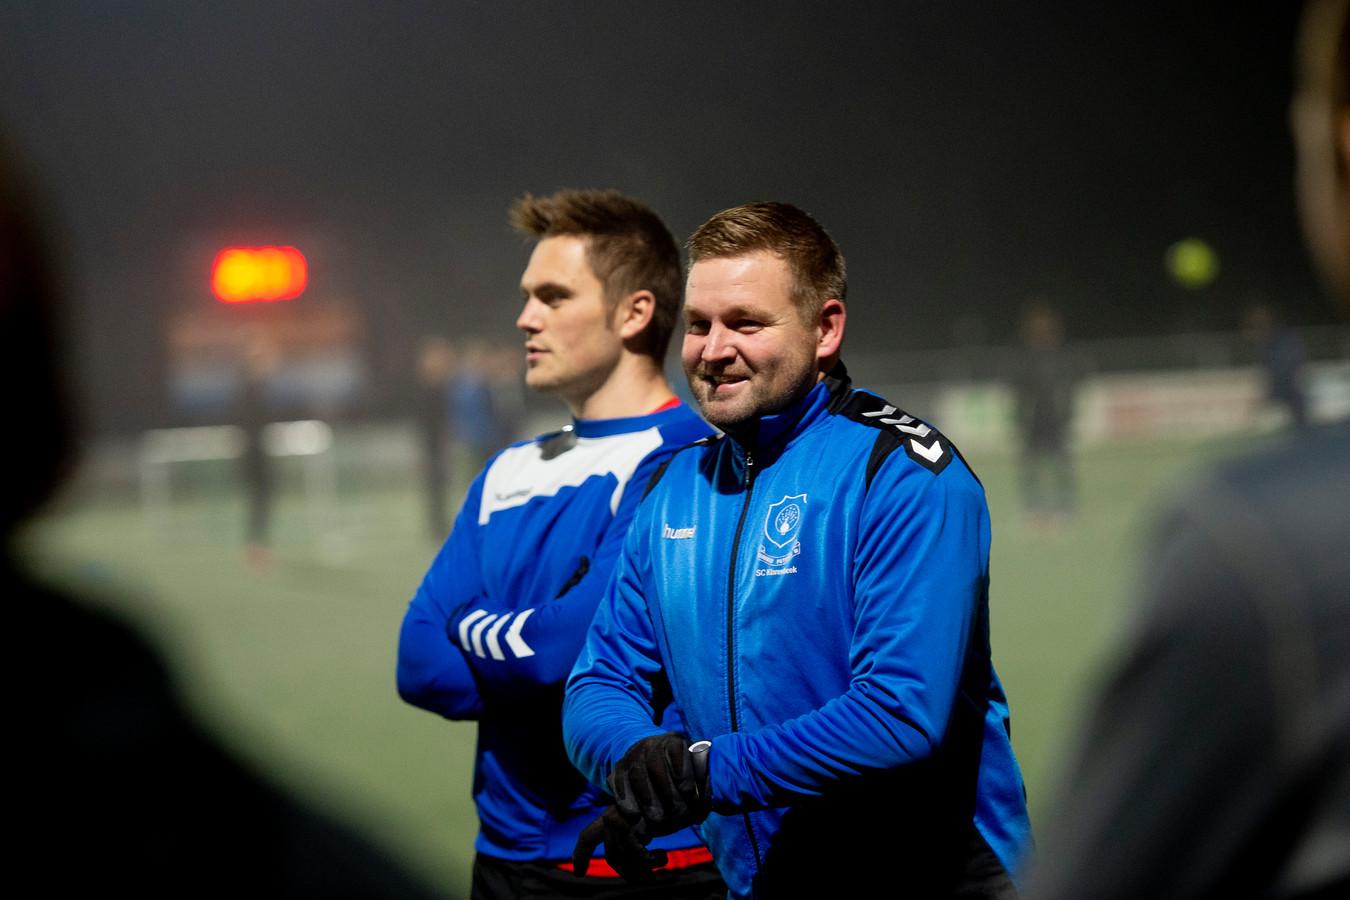 Danny van Engeland tijdens de training van Klarenbeek, de tegenstander van 'zijn' club Beekbergen.